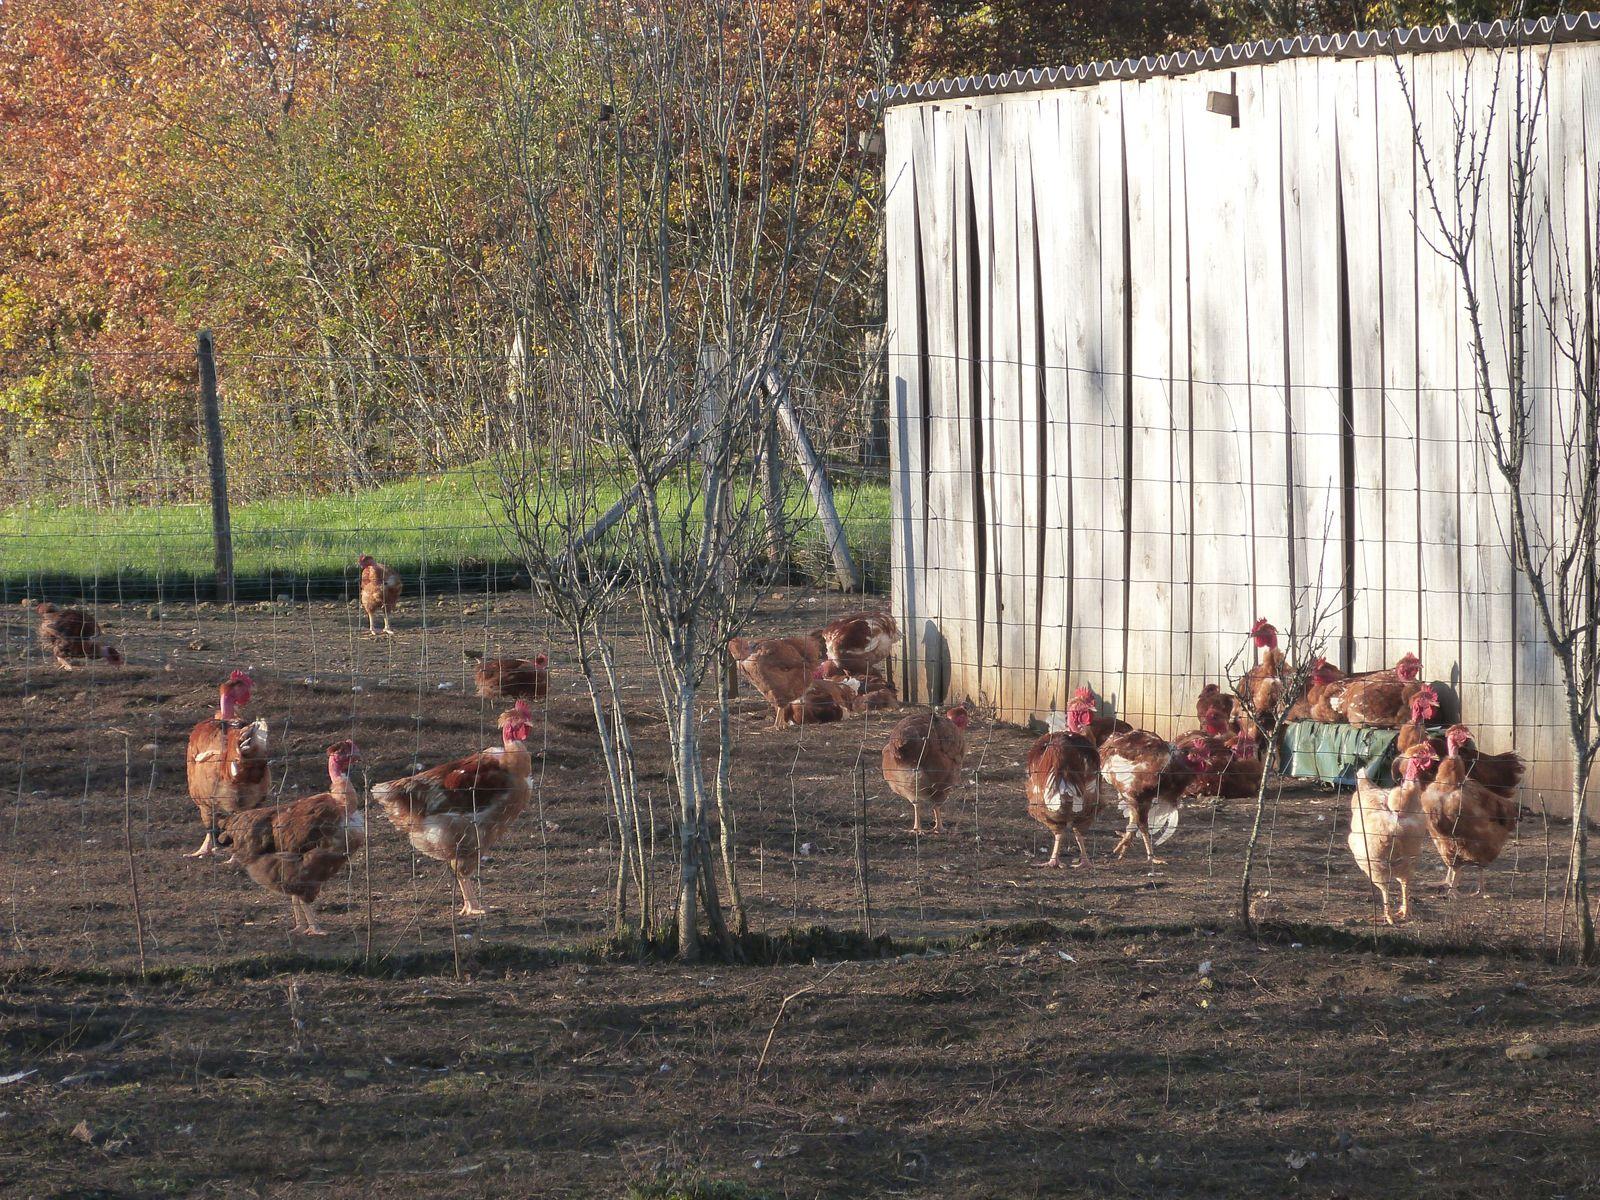 Novembre 2012. Notre visite sur l'exploitation Legay et son élevage de Baudets du Poitou à Fouleix : Angélique, Kamal, Mohamed, Saïd